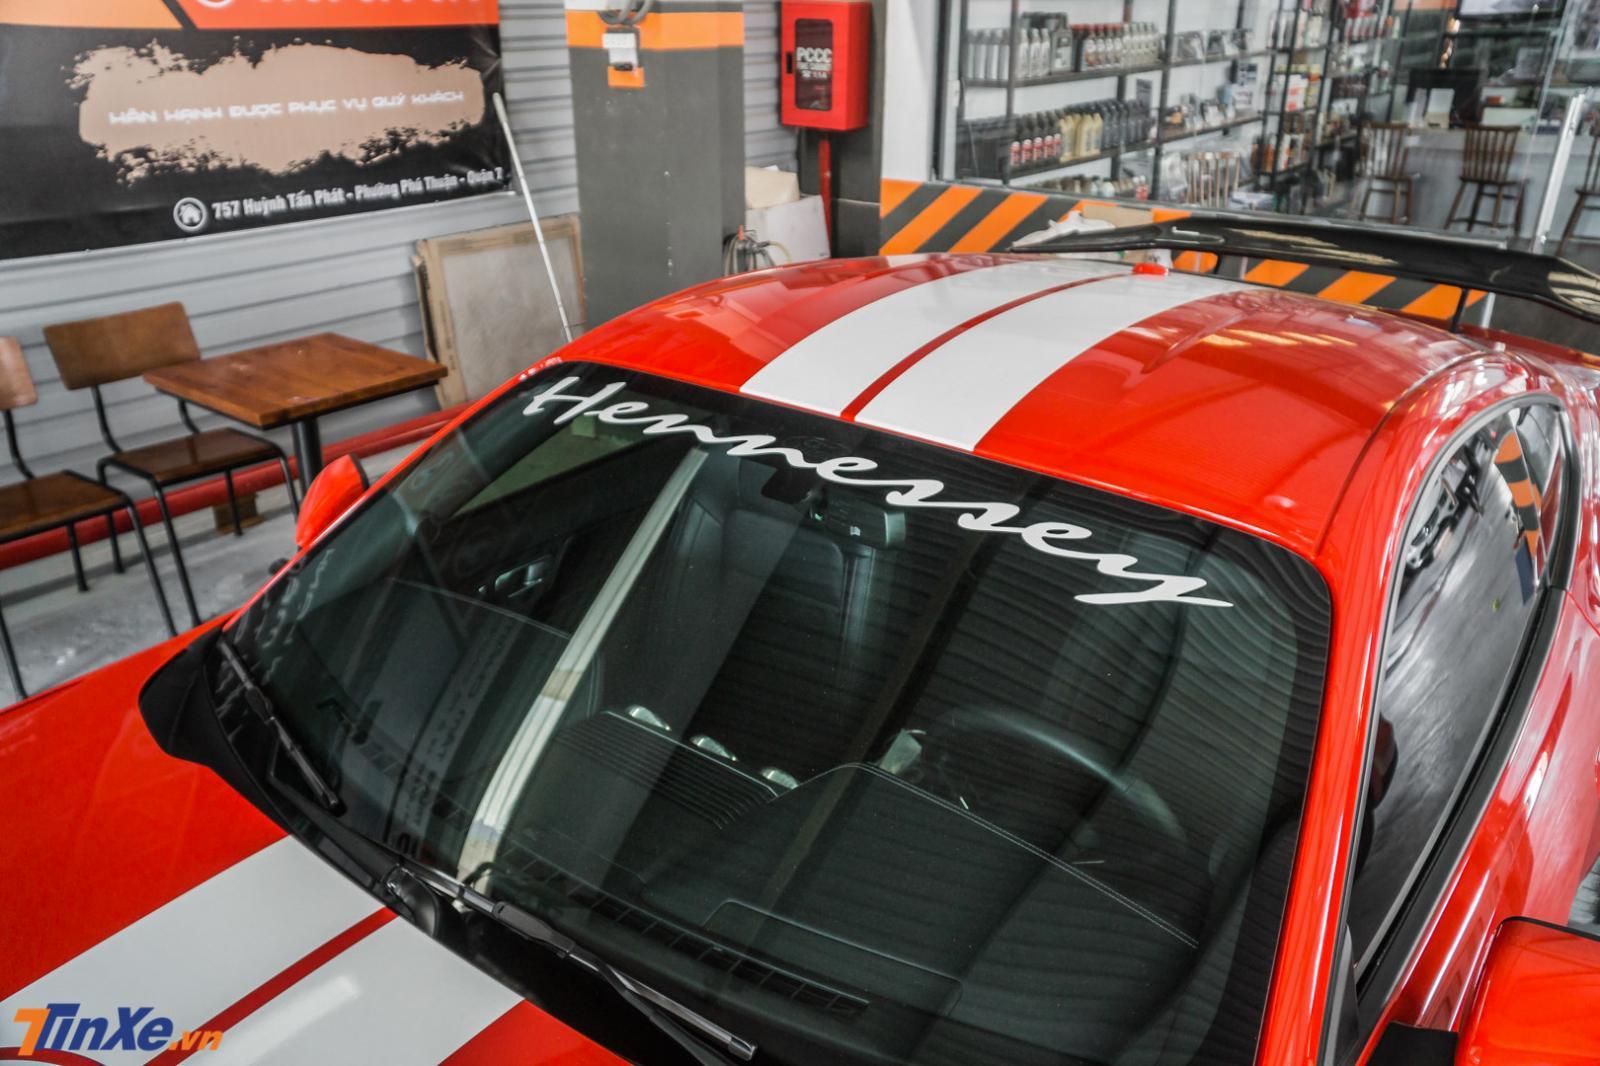 Đánh giá Ford Mustang độ Hennessey độc nhất Việt Nam: Ngựa hoang đẩy công suất 808 mã lực - Hình 13